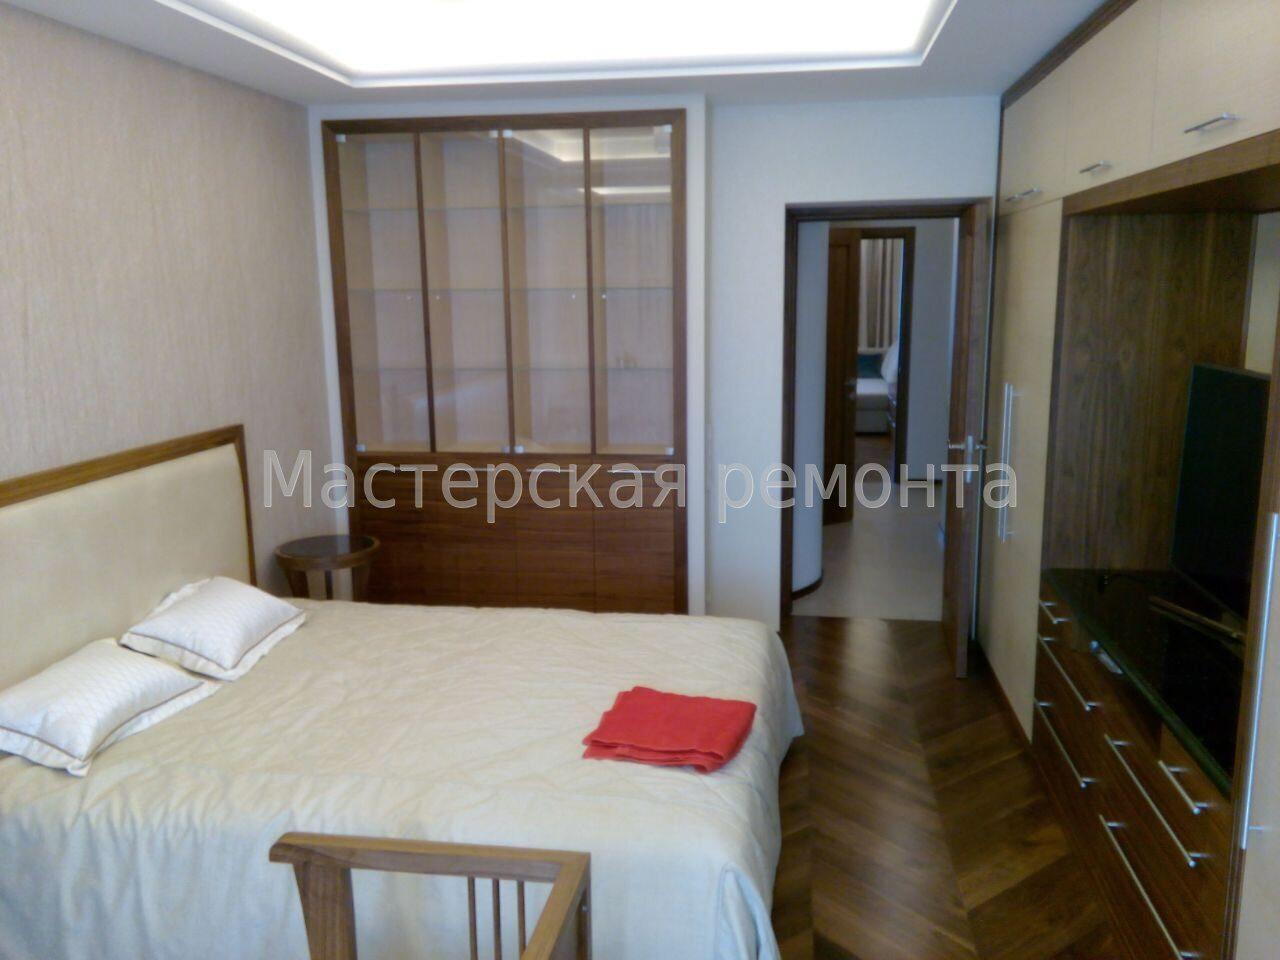 Купить двухкомнатную квартиру в москве новостройка с отделкой